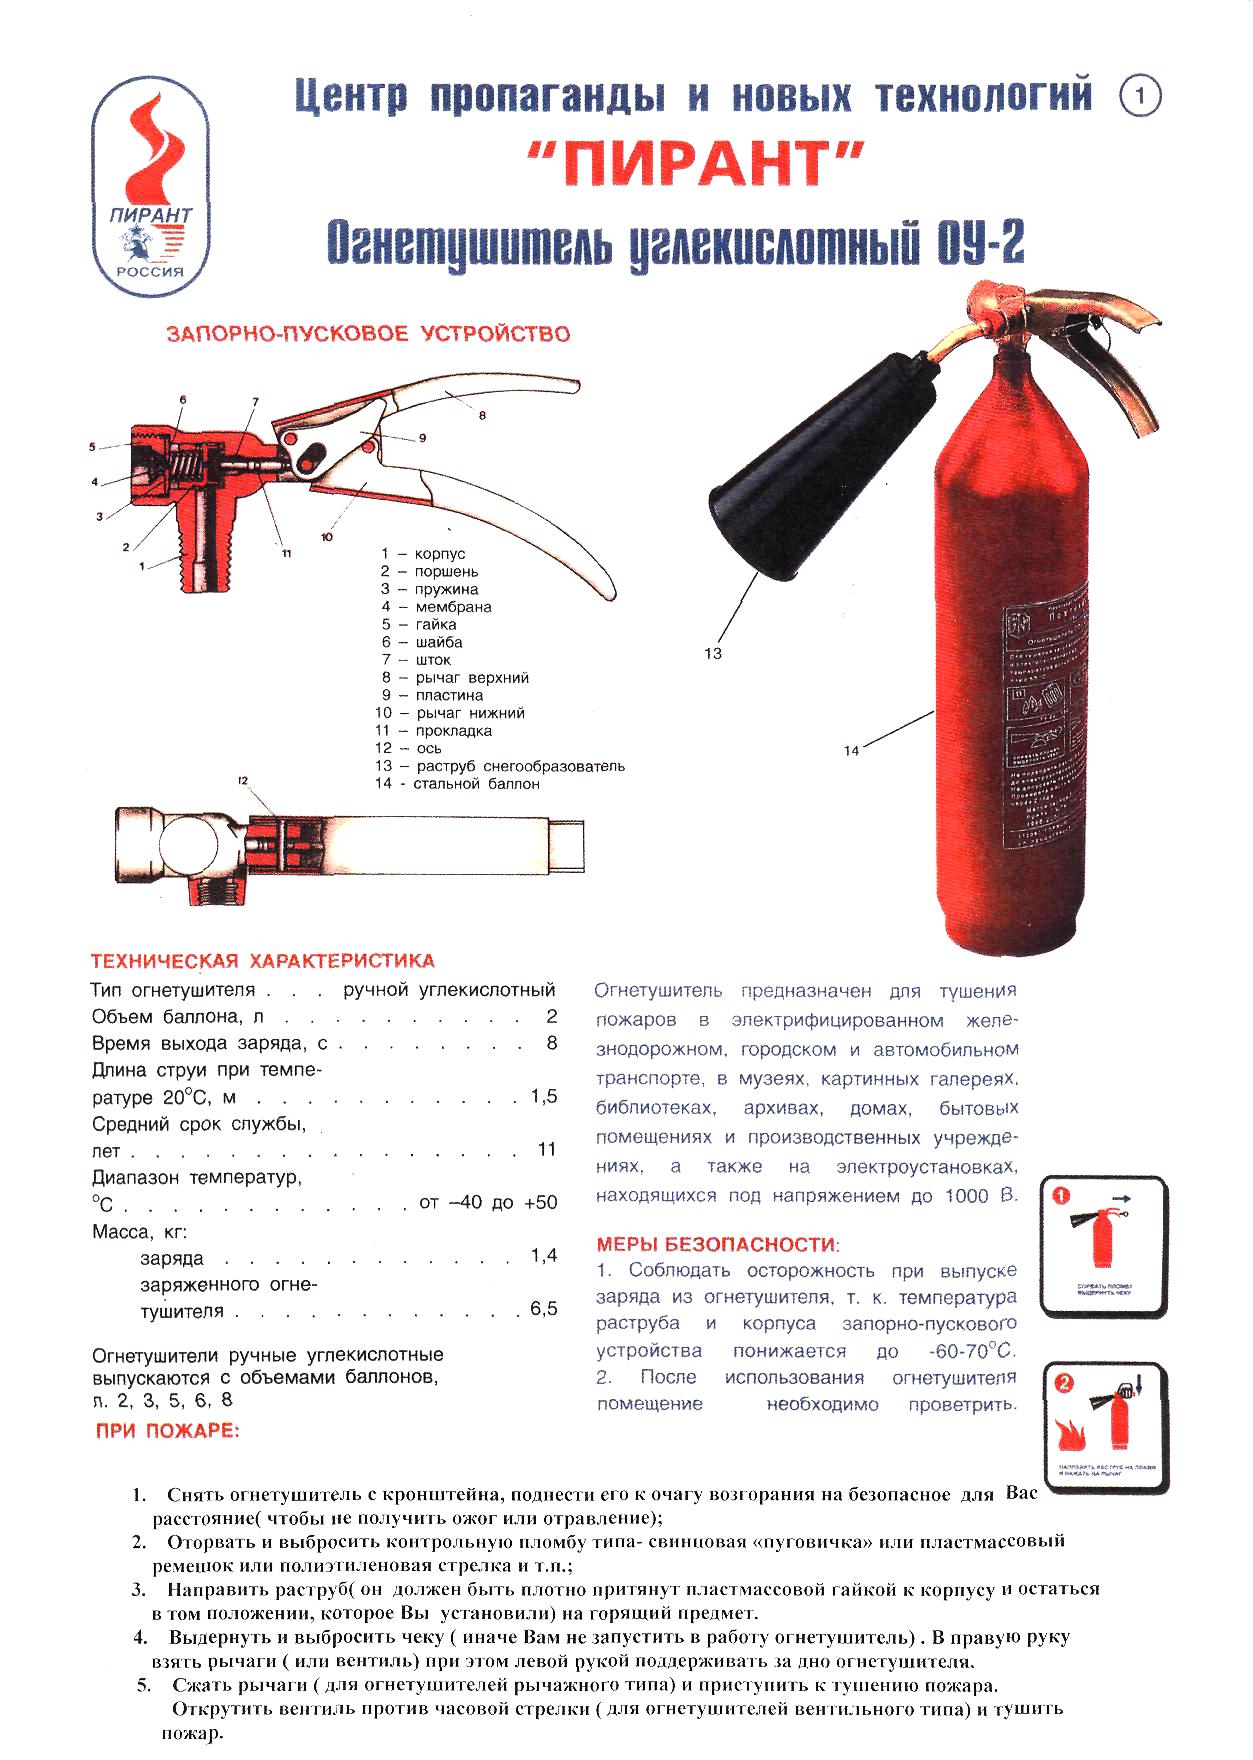 Инструкции по пользованию огнетушителей